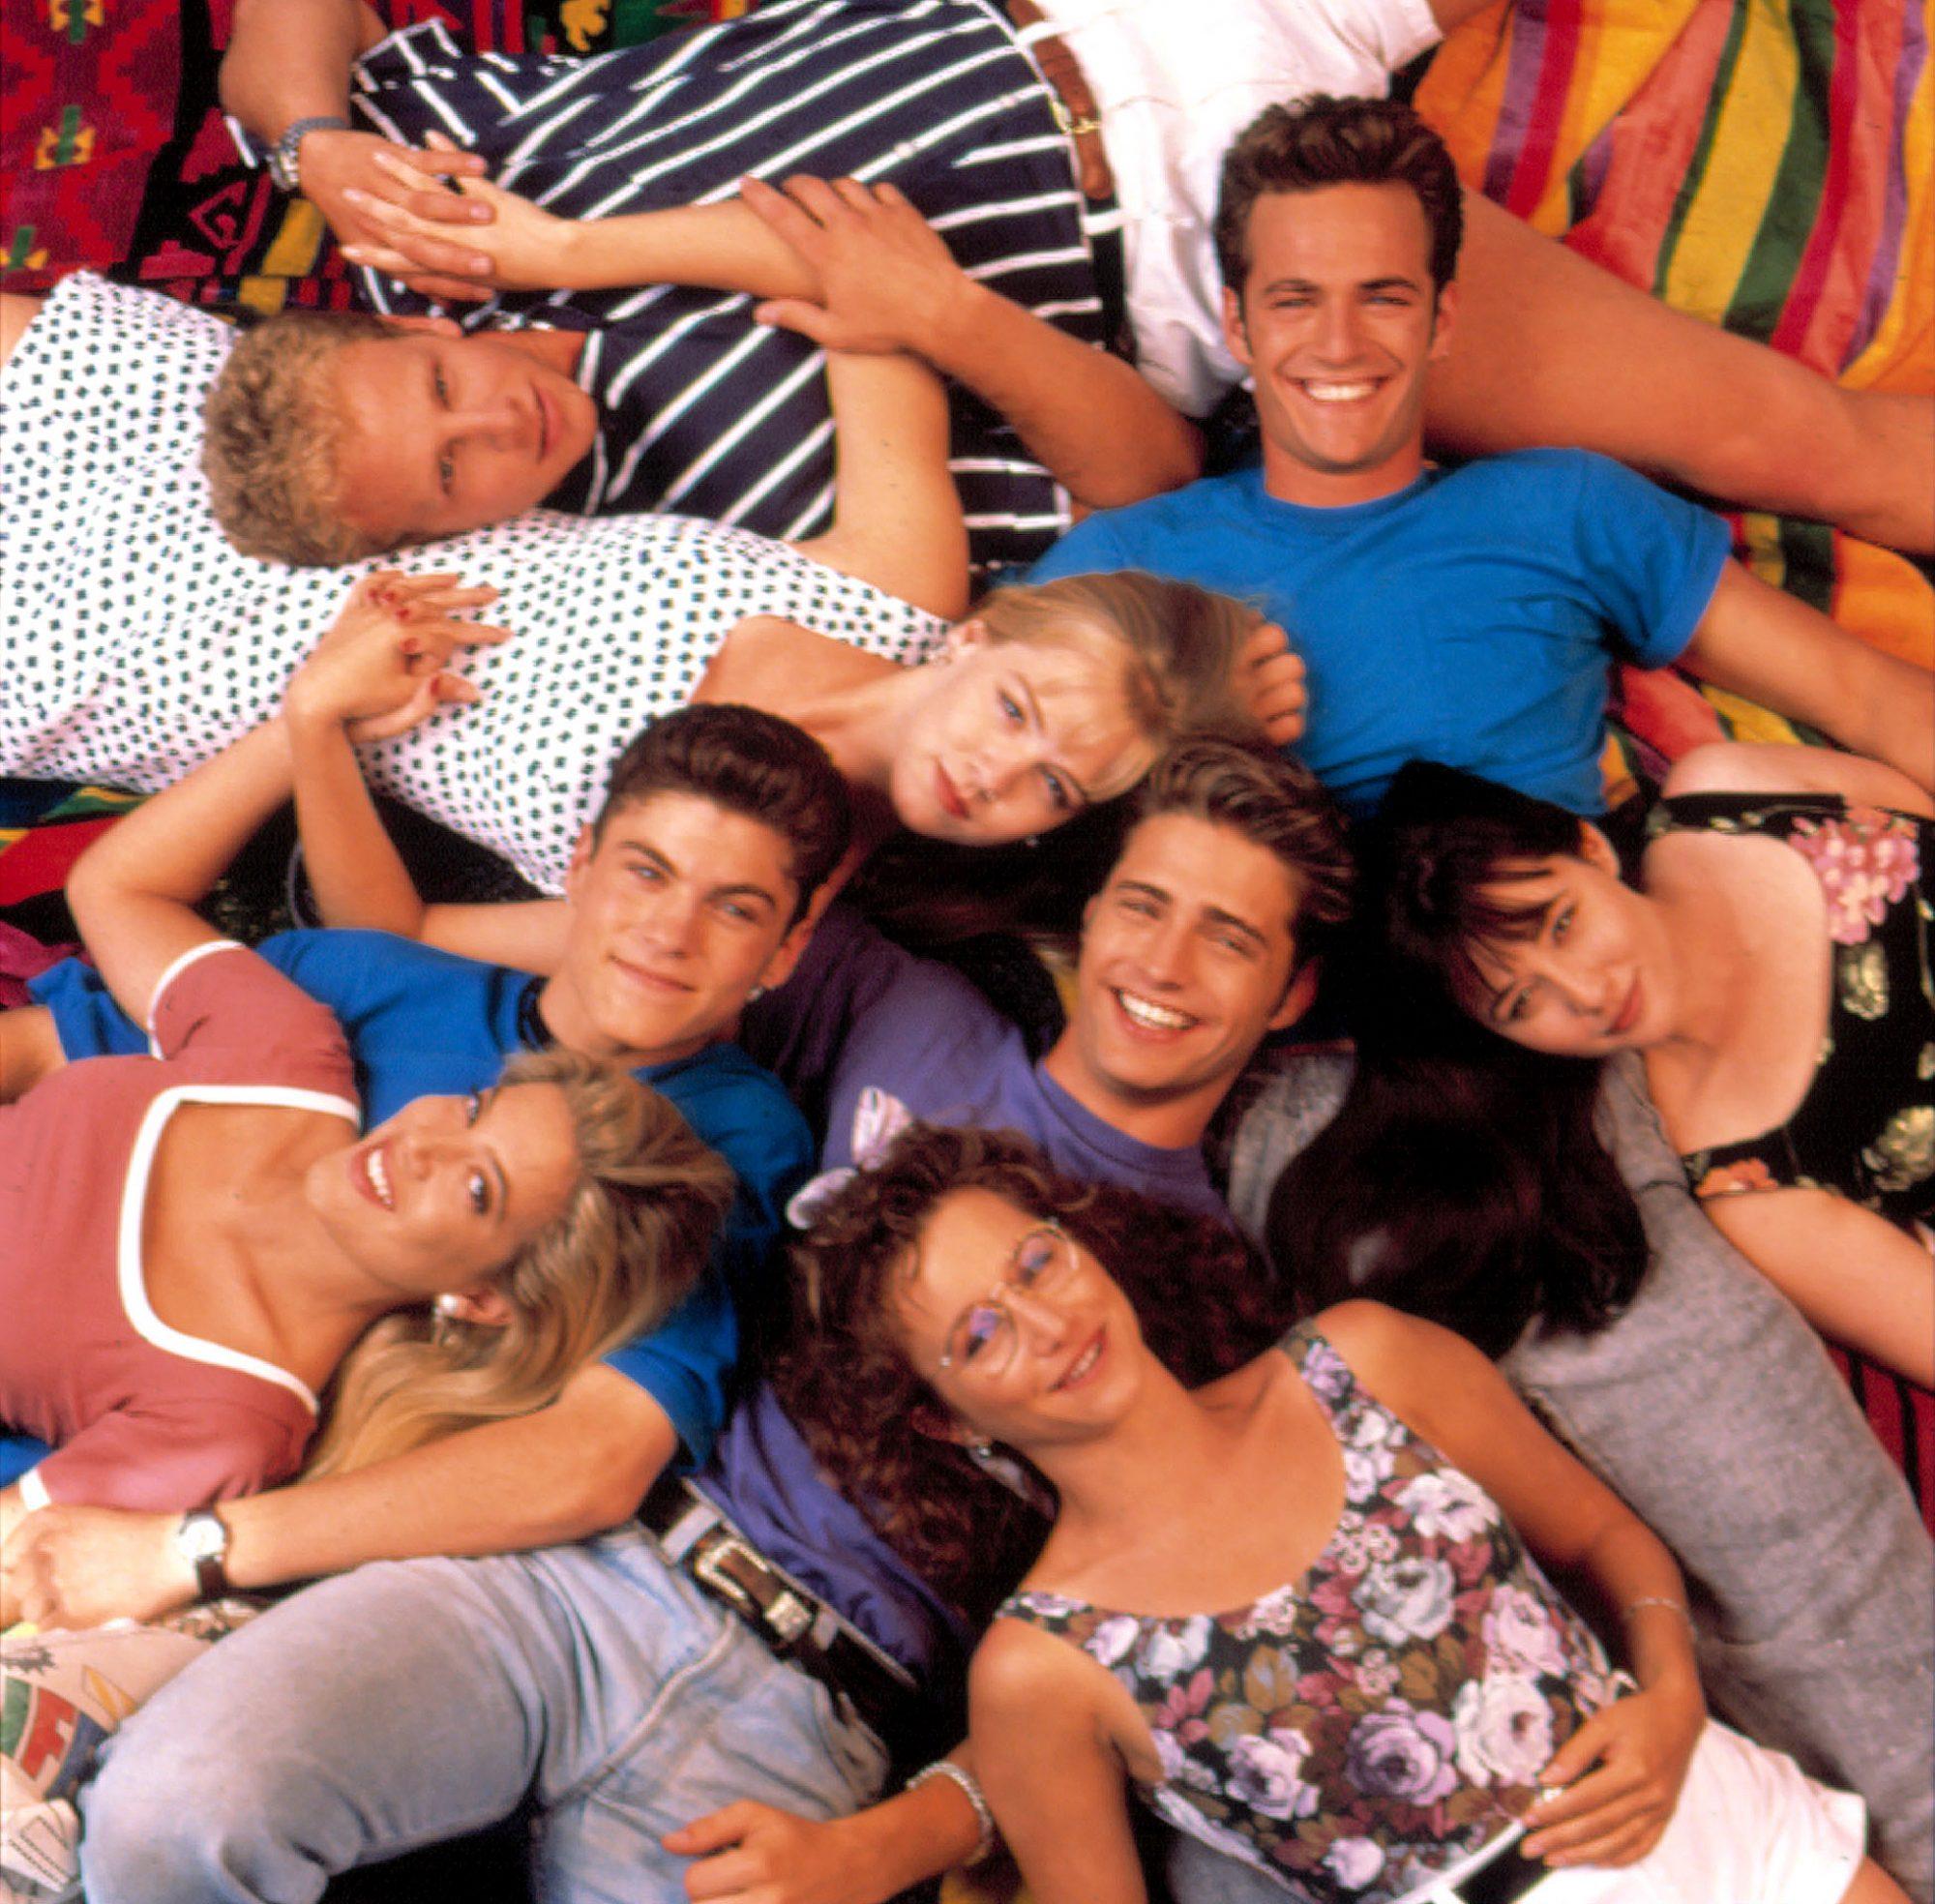 90210-3-2000.jpg